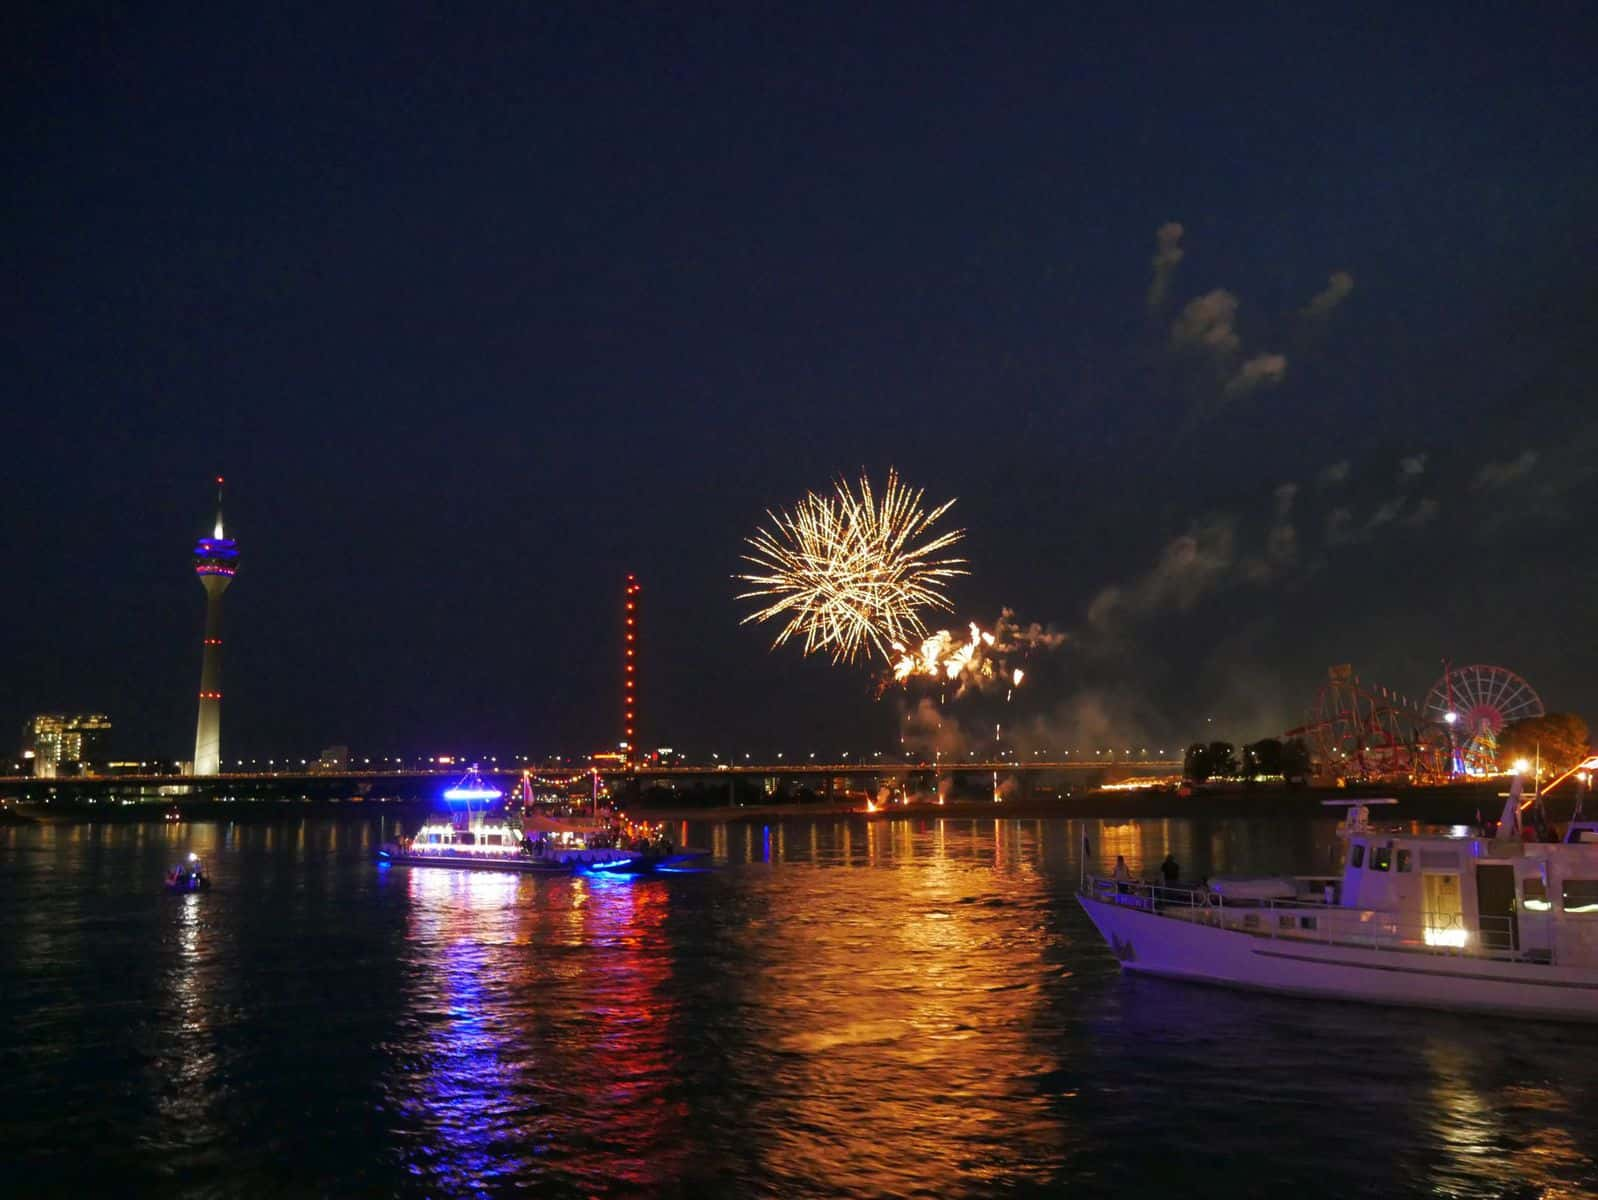 Größte Kirmes am Rhein - das Feuerwerk